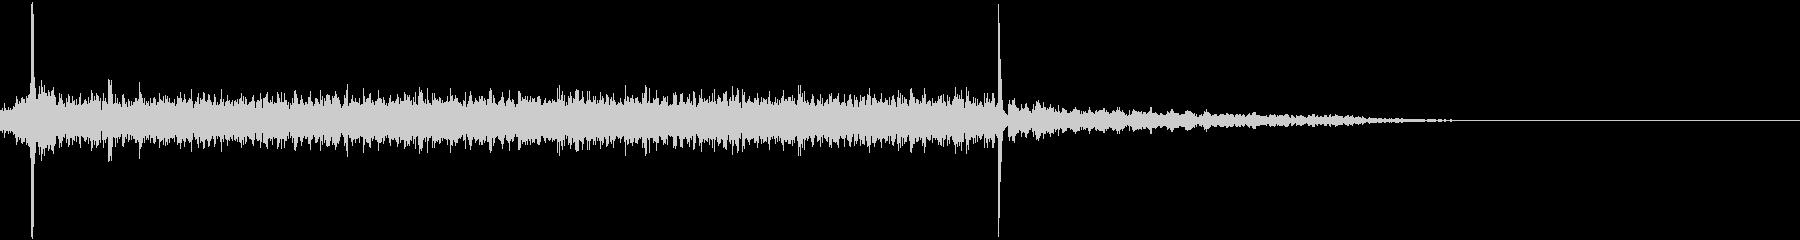 ガラガラガラガラカチシュルルルル…の未再生の波形